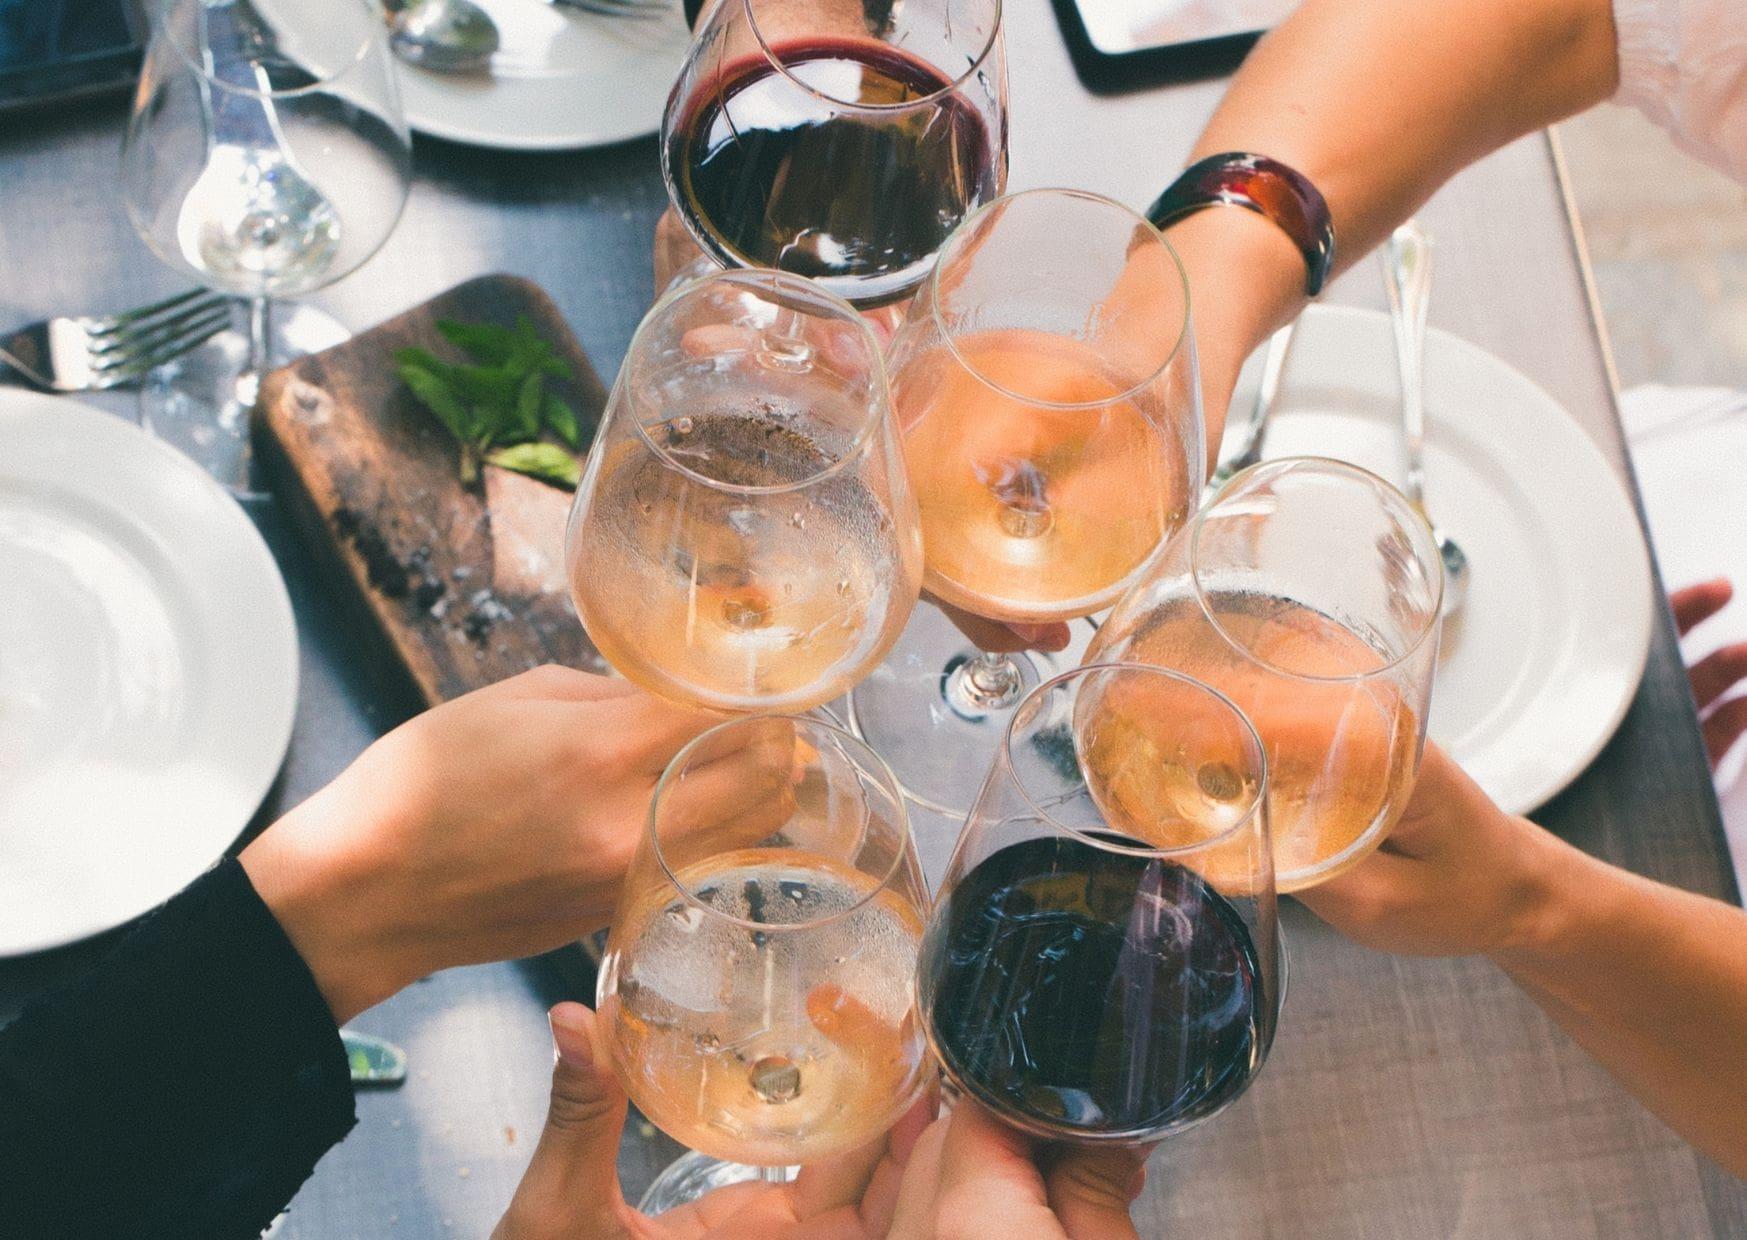 Hoe moet je wijn proeven? Kijken, ruiken & proeven volg deze stappen en proef wijn als een pro.